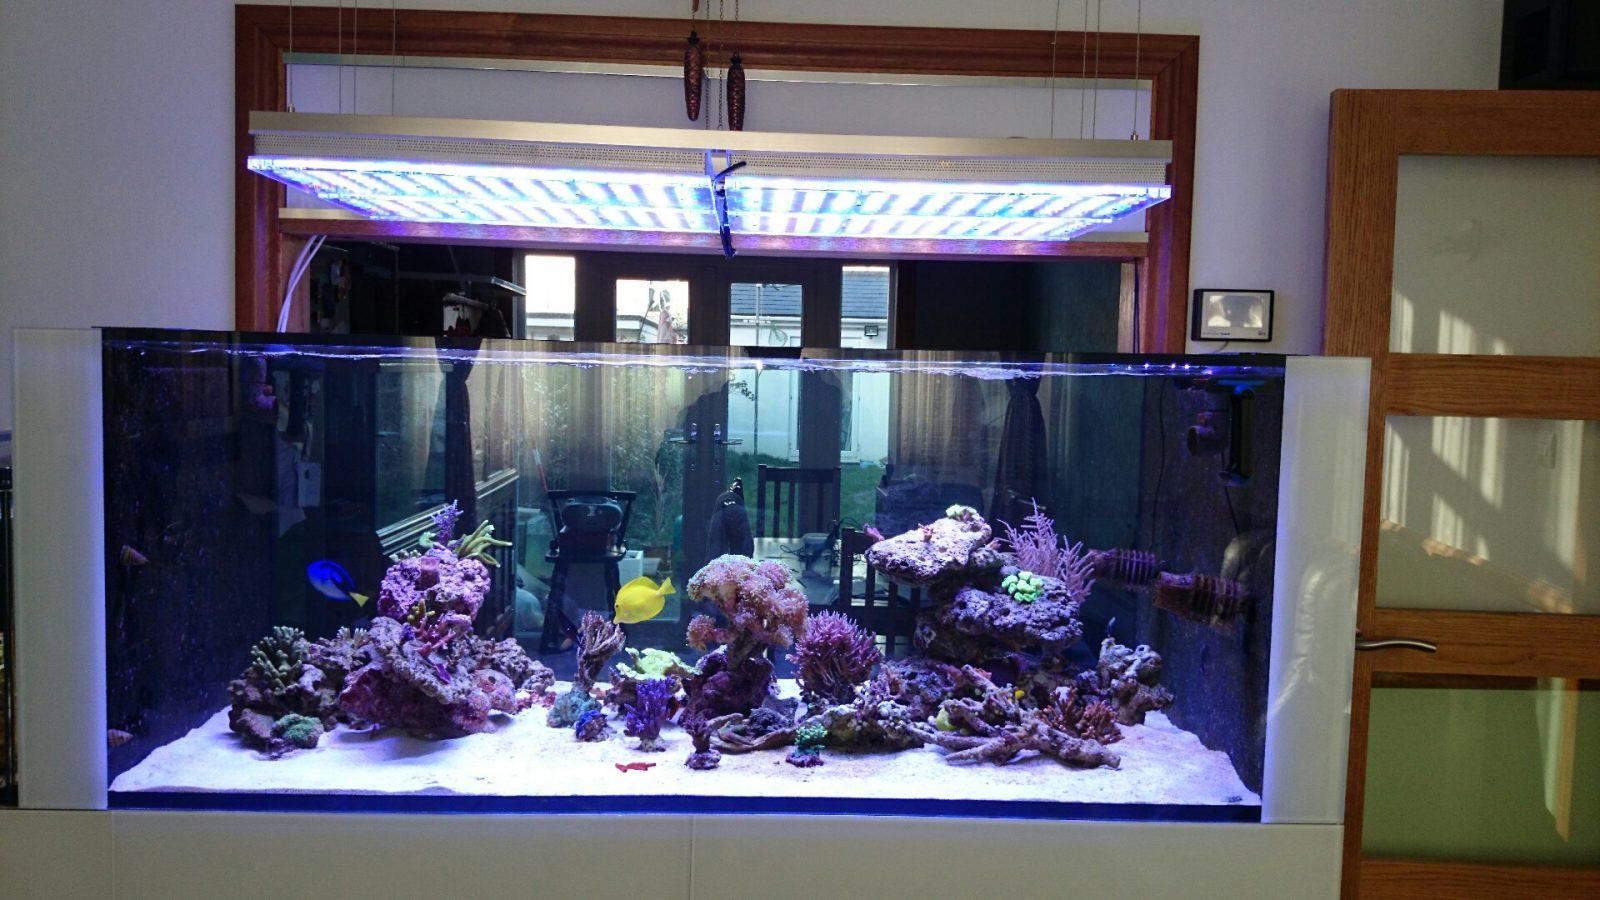 migliore illuminazione LED a crescita di corallo 2020